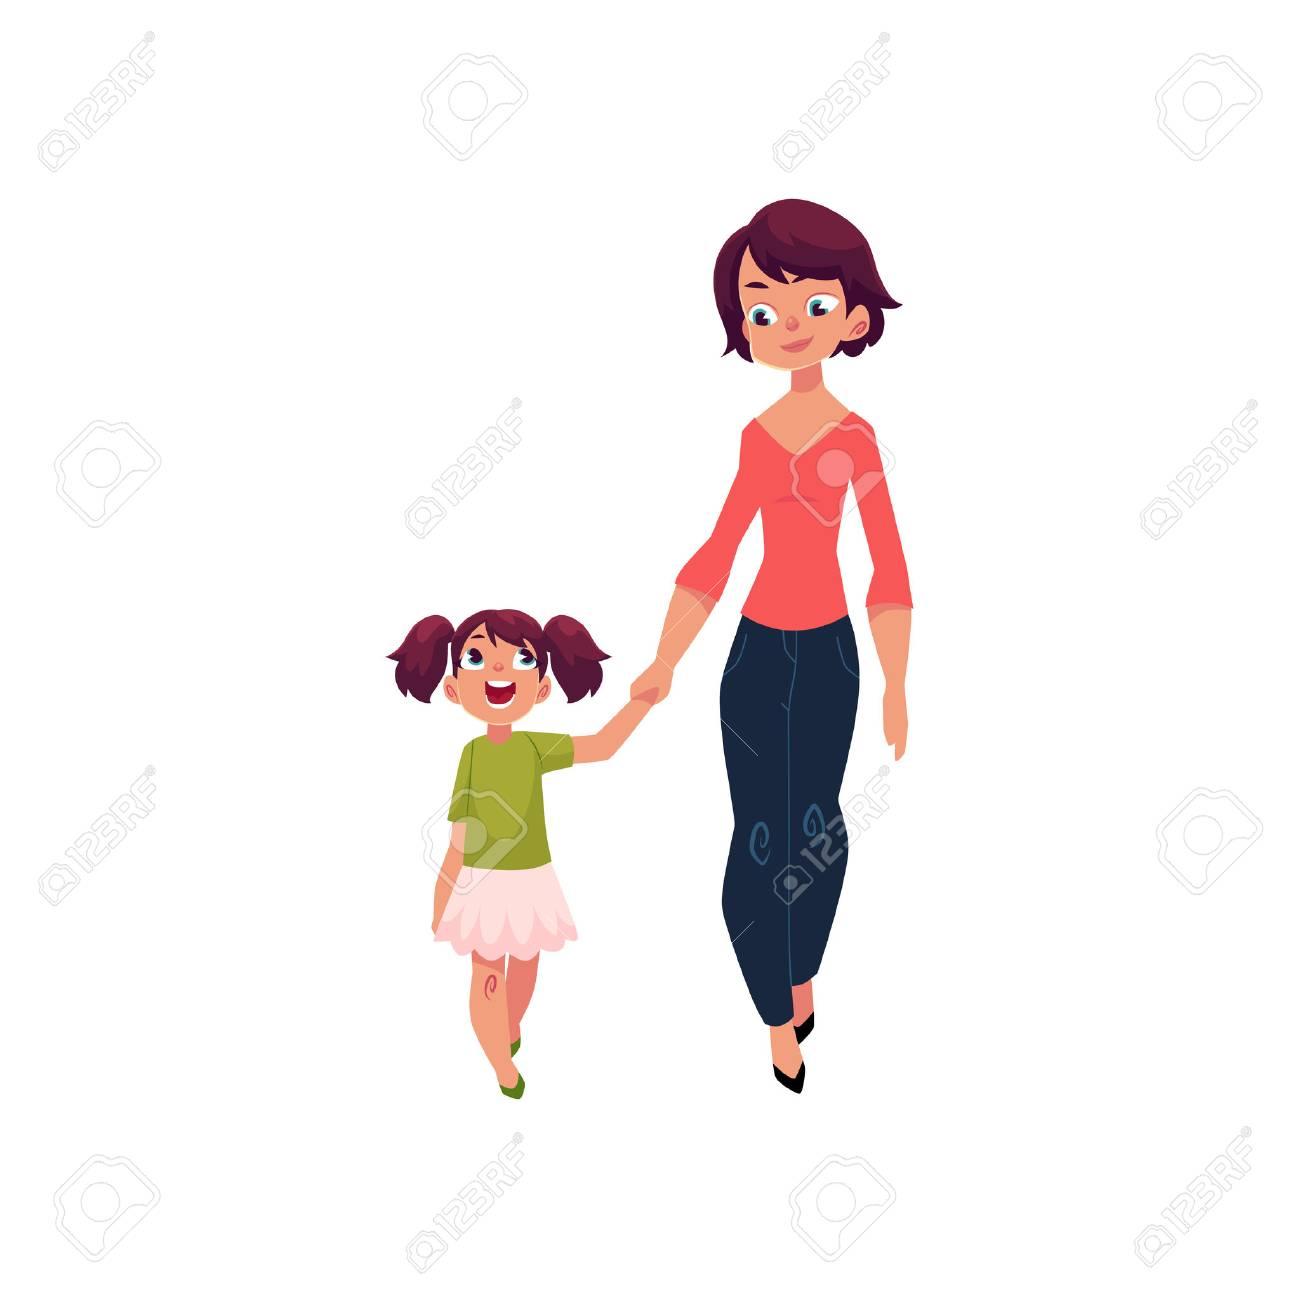 Maman Et Sa Fille Petite Fille Marchant Avec Sa Mère Tenant Par La Main Et Parler Illustration De Vecteur De Dessin Animé Isolée Sur Fond Blanc